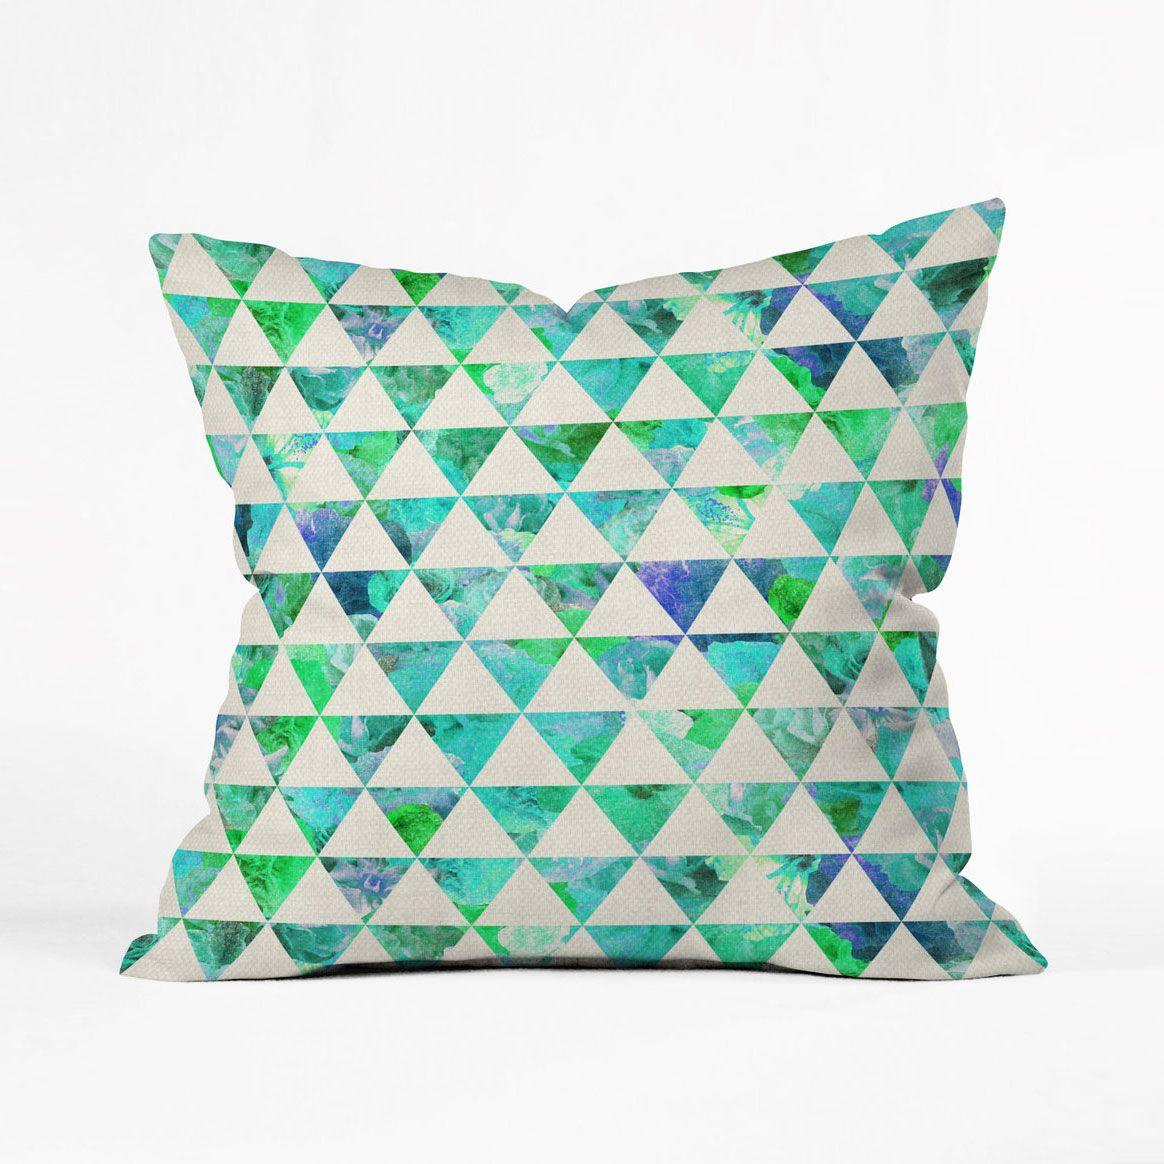 Diamond A Dozen Pillow Cover Throw Pillows Mint Throw Pillows Pillows